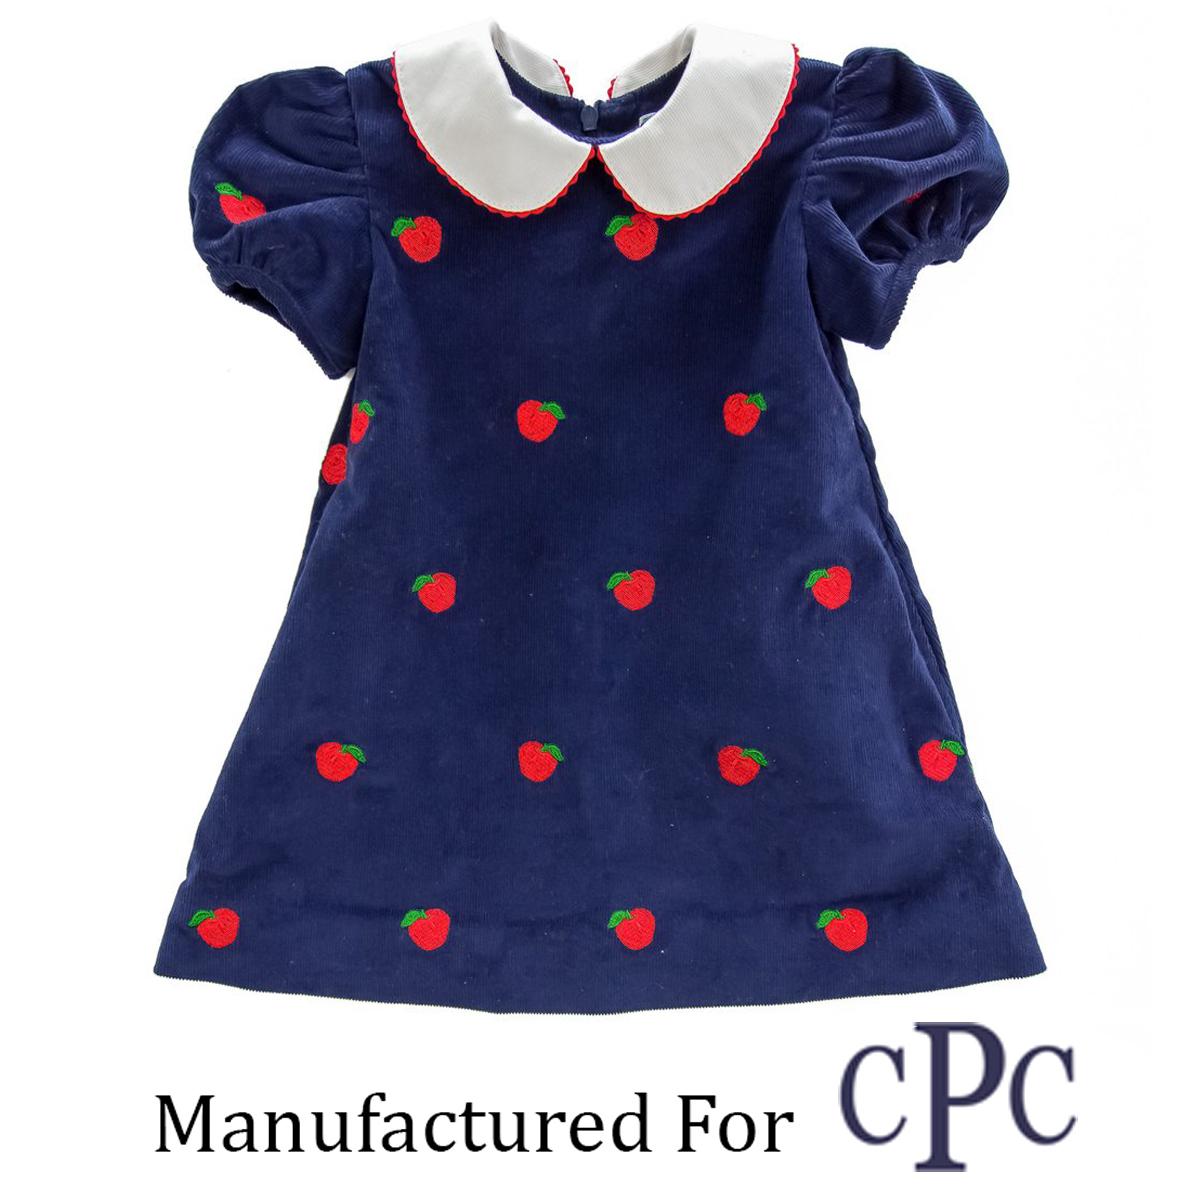 CPC Dress 3.jpg